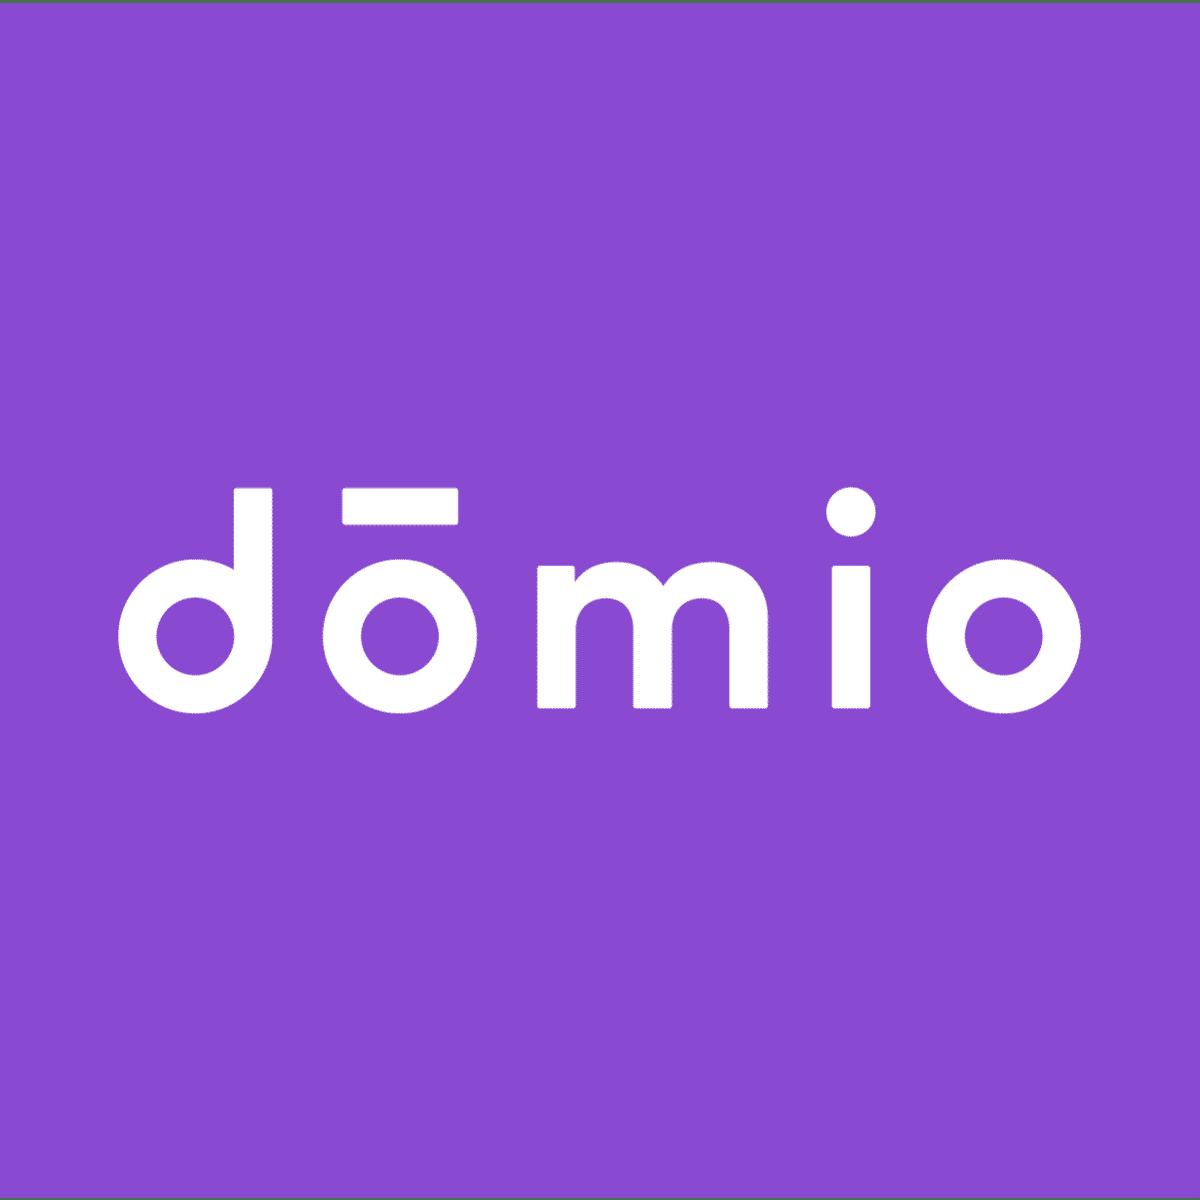 Domio